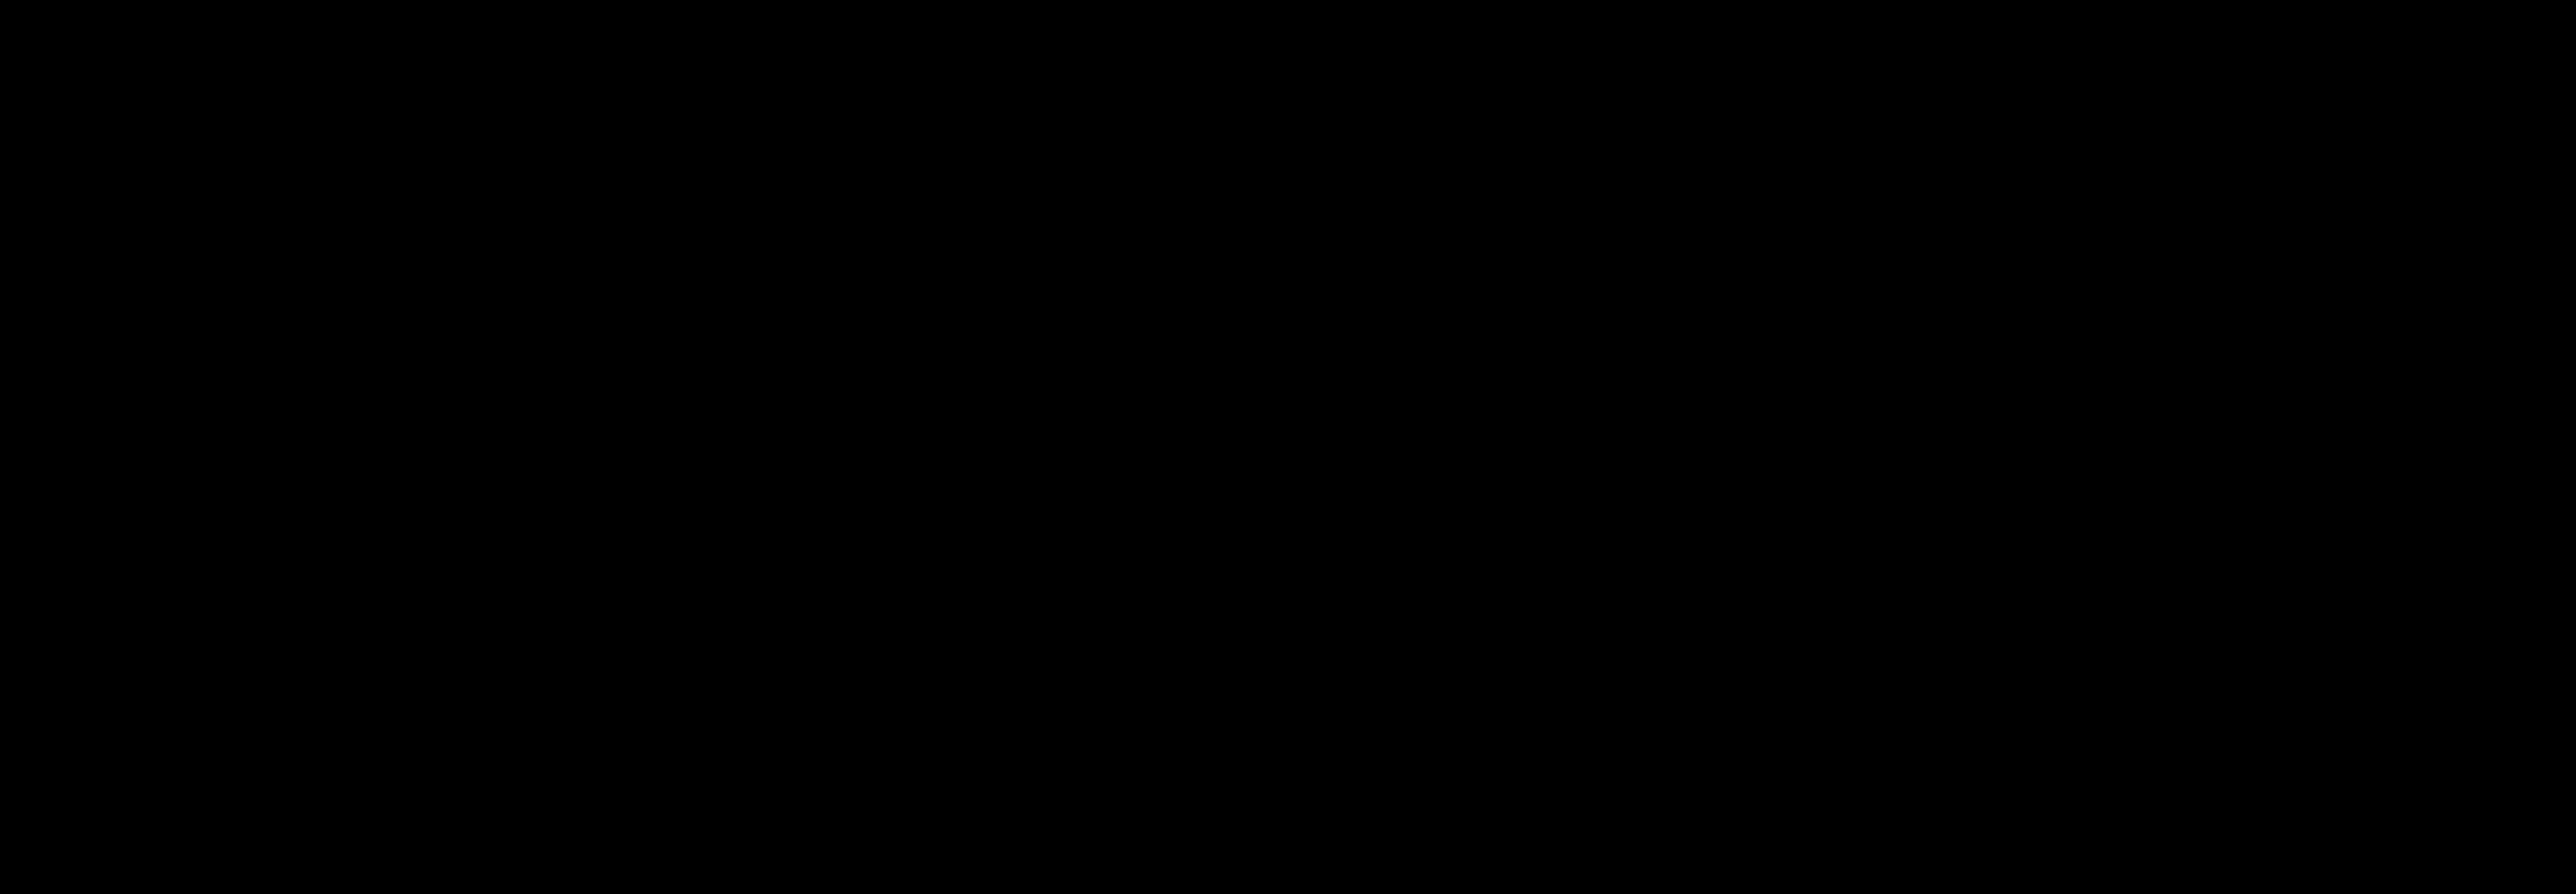 oakley logo 3 - Oakley Logo